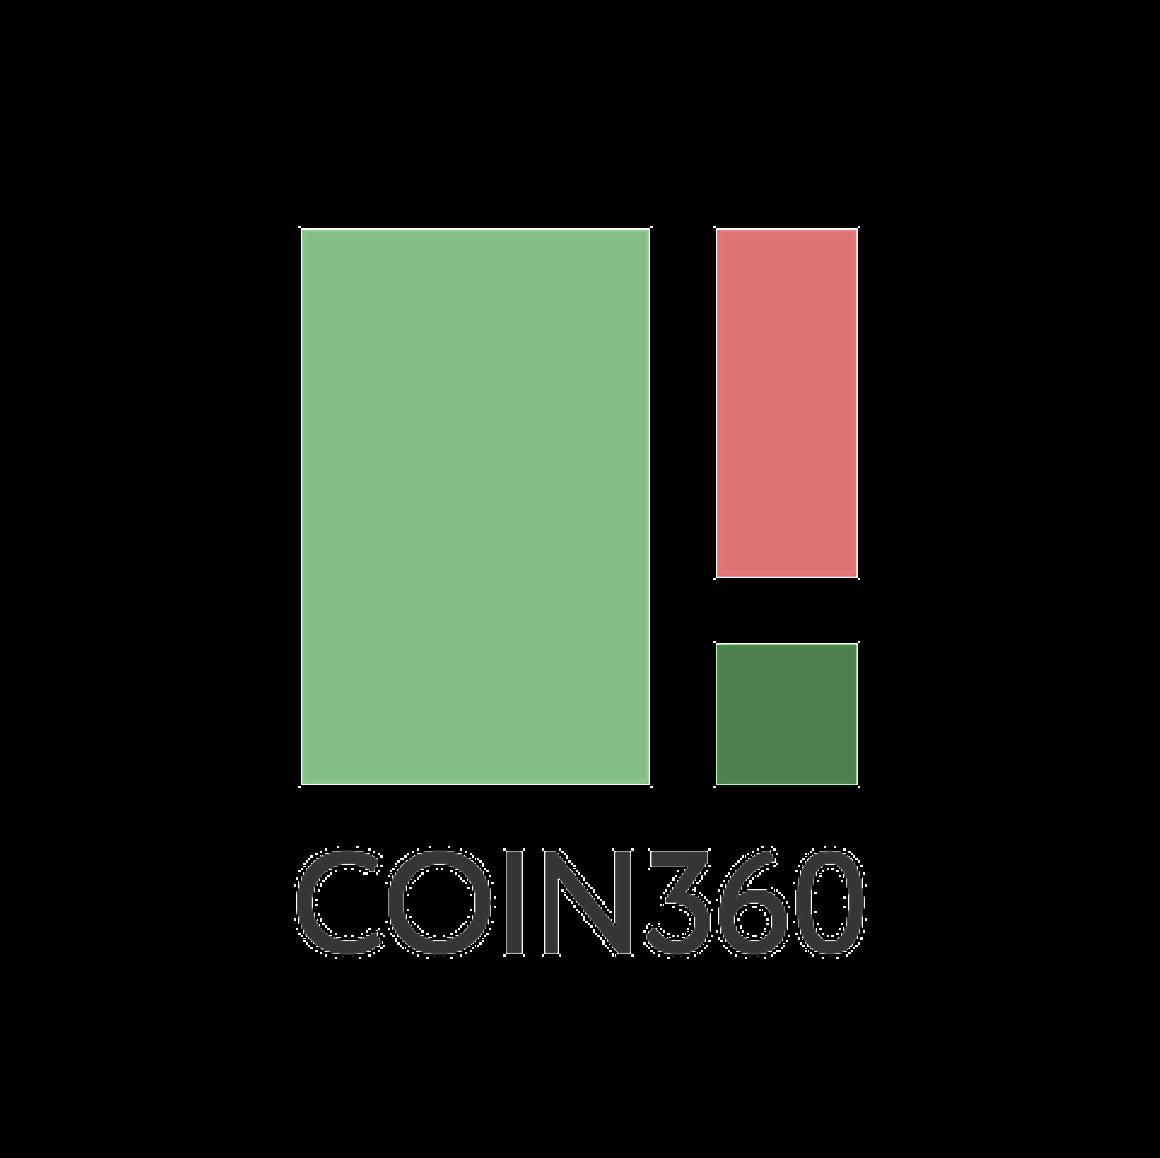 coin 360 crypto)